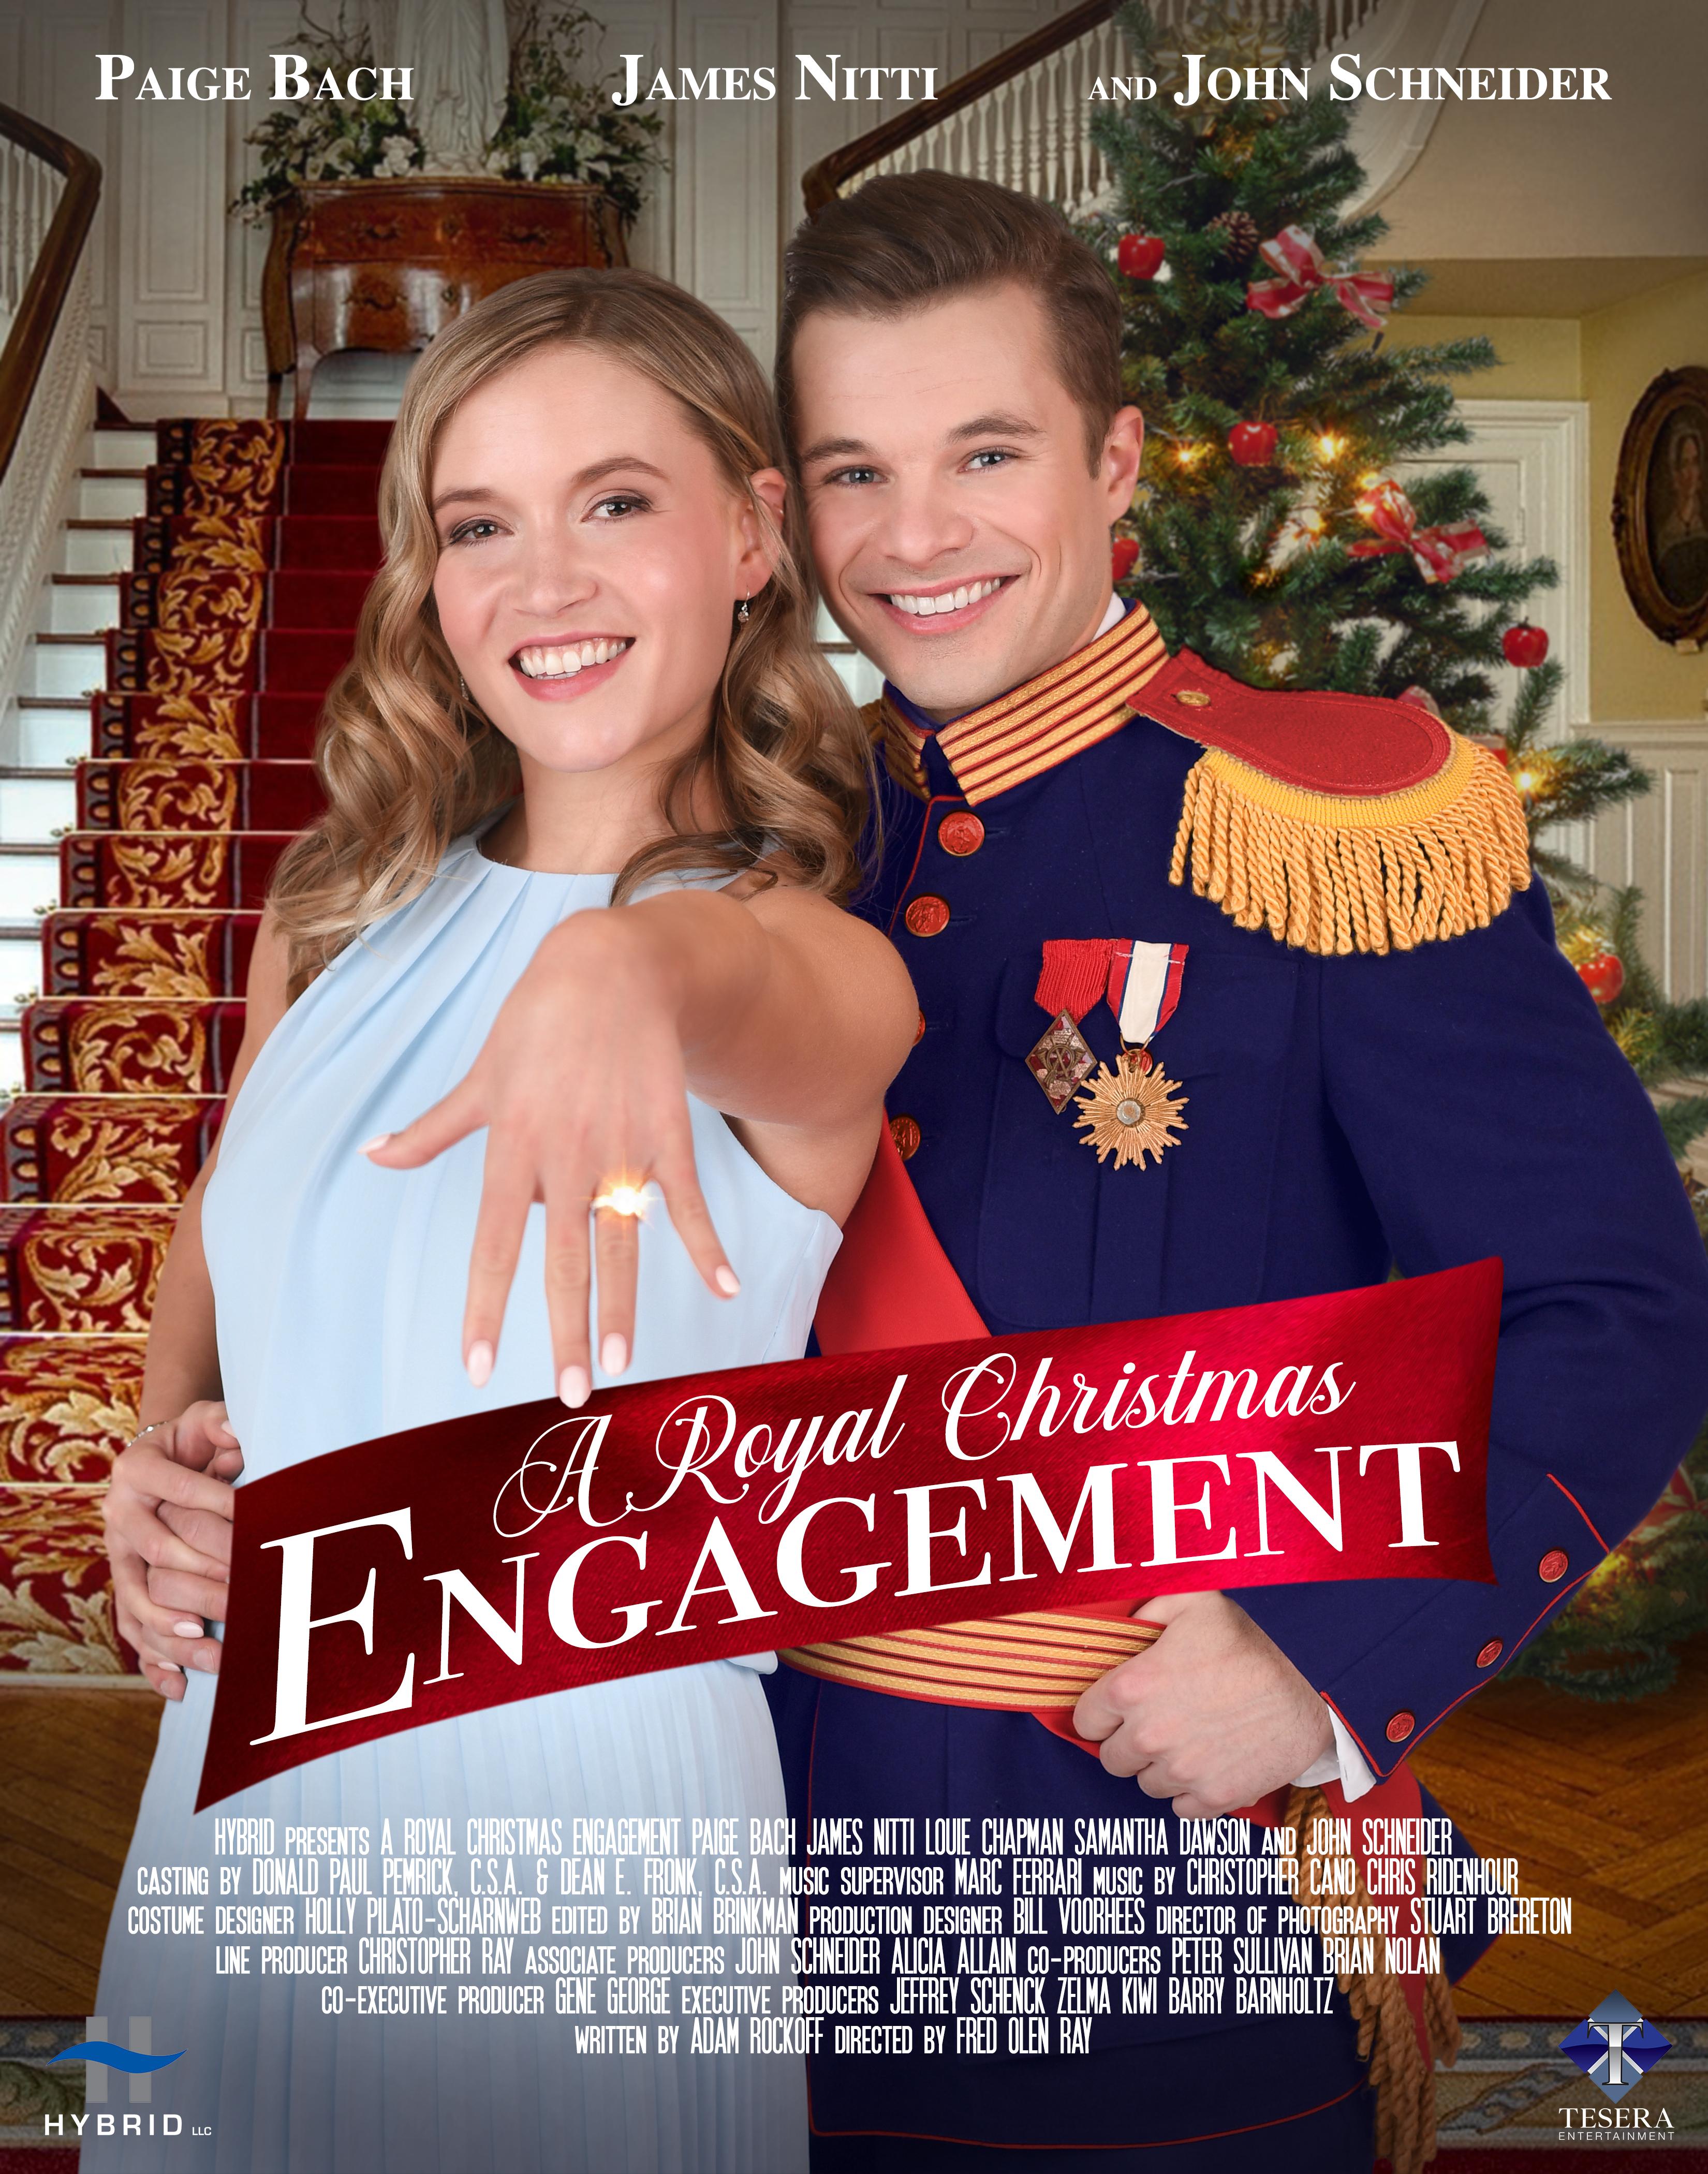 A Royal Christmas 2020 A Royal Christmas Engagement (TV Movie 2020)   IMDb